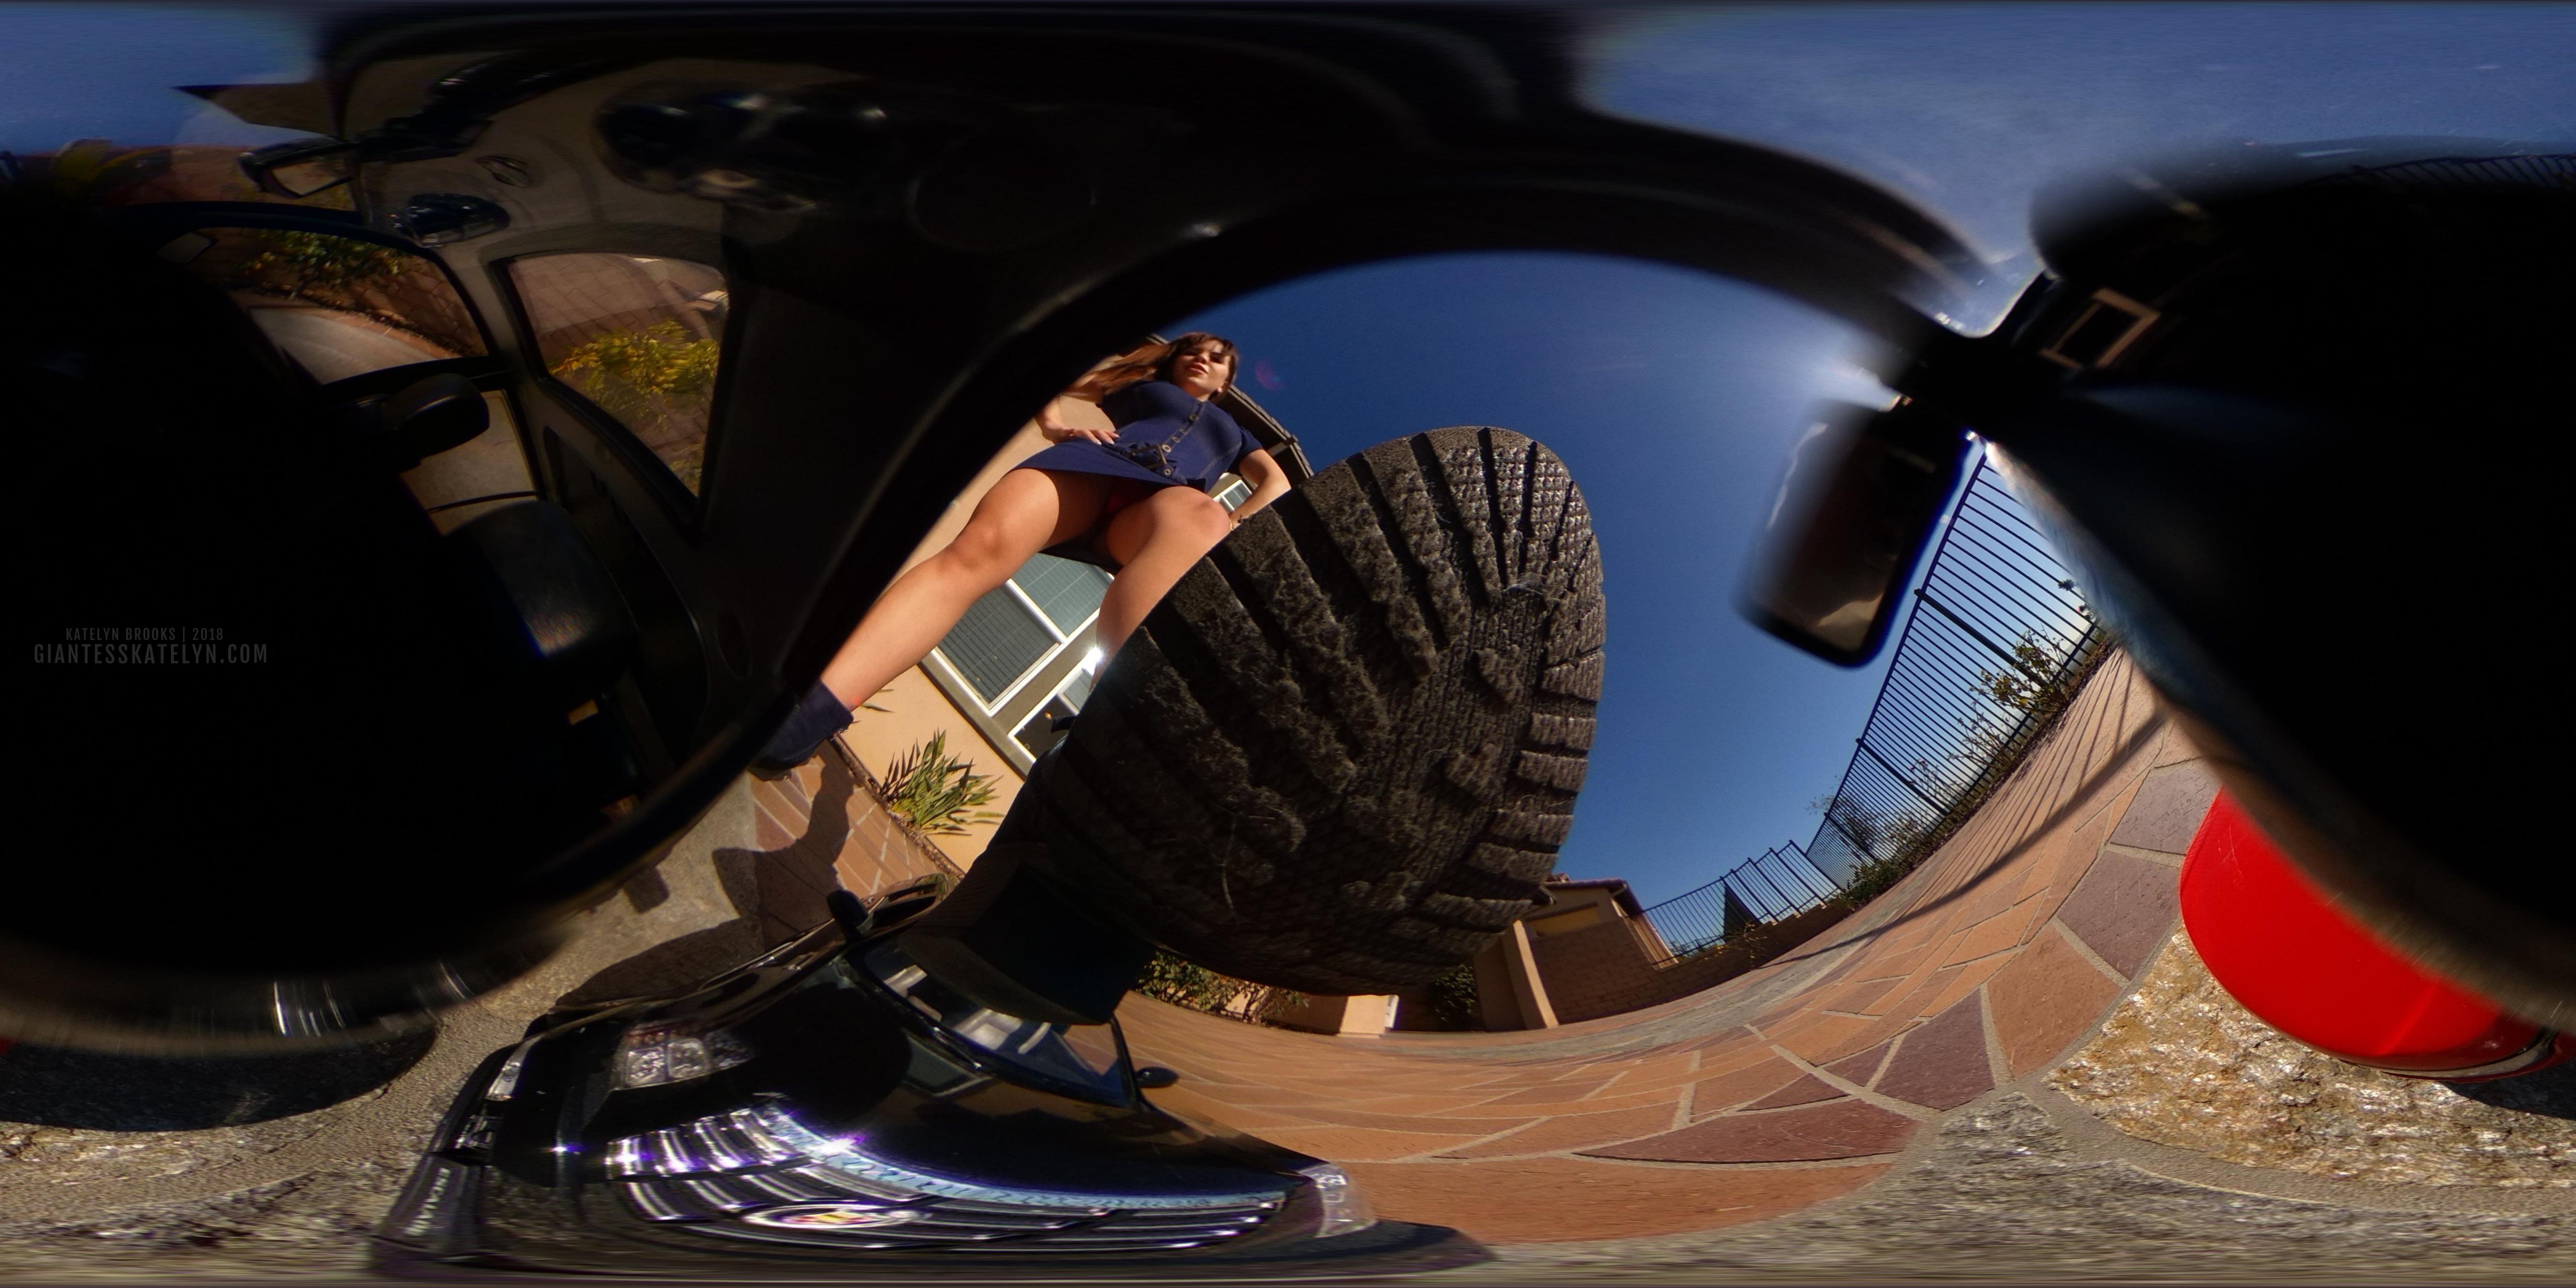 360-4k-vr-shrunken-man-pov-inside-car-11